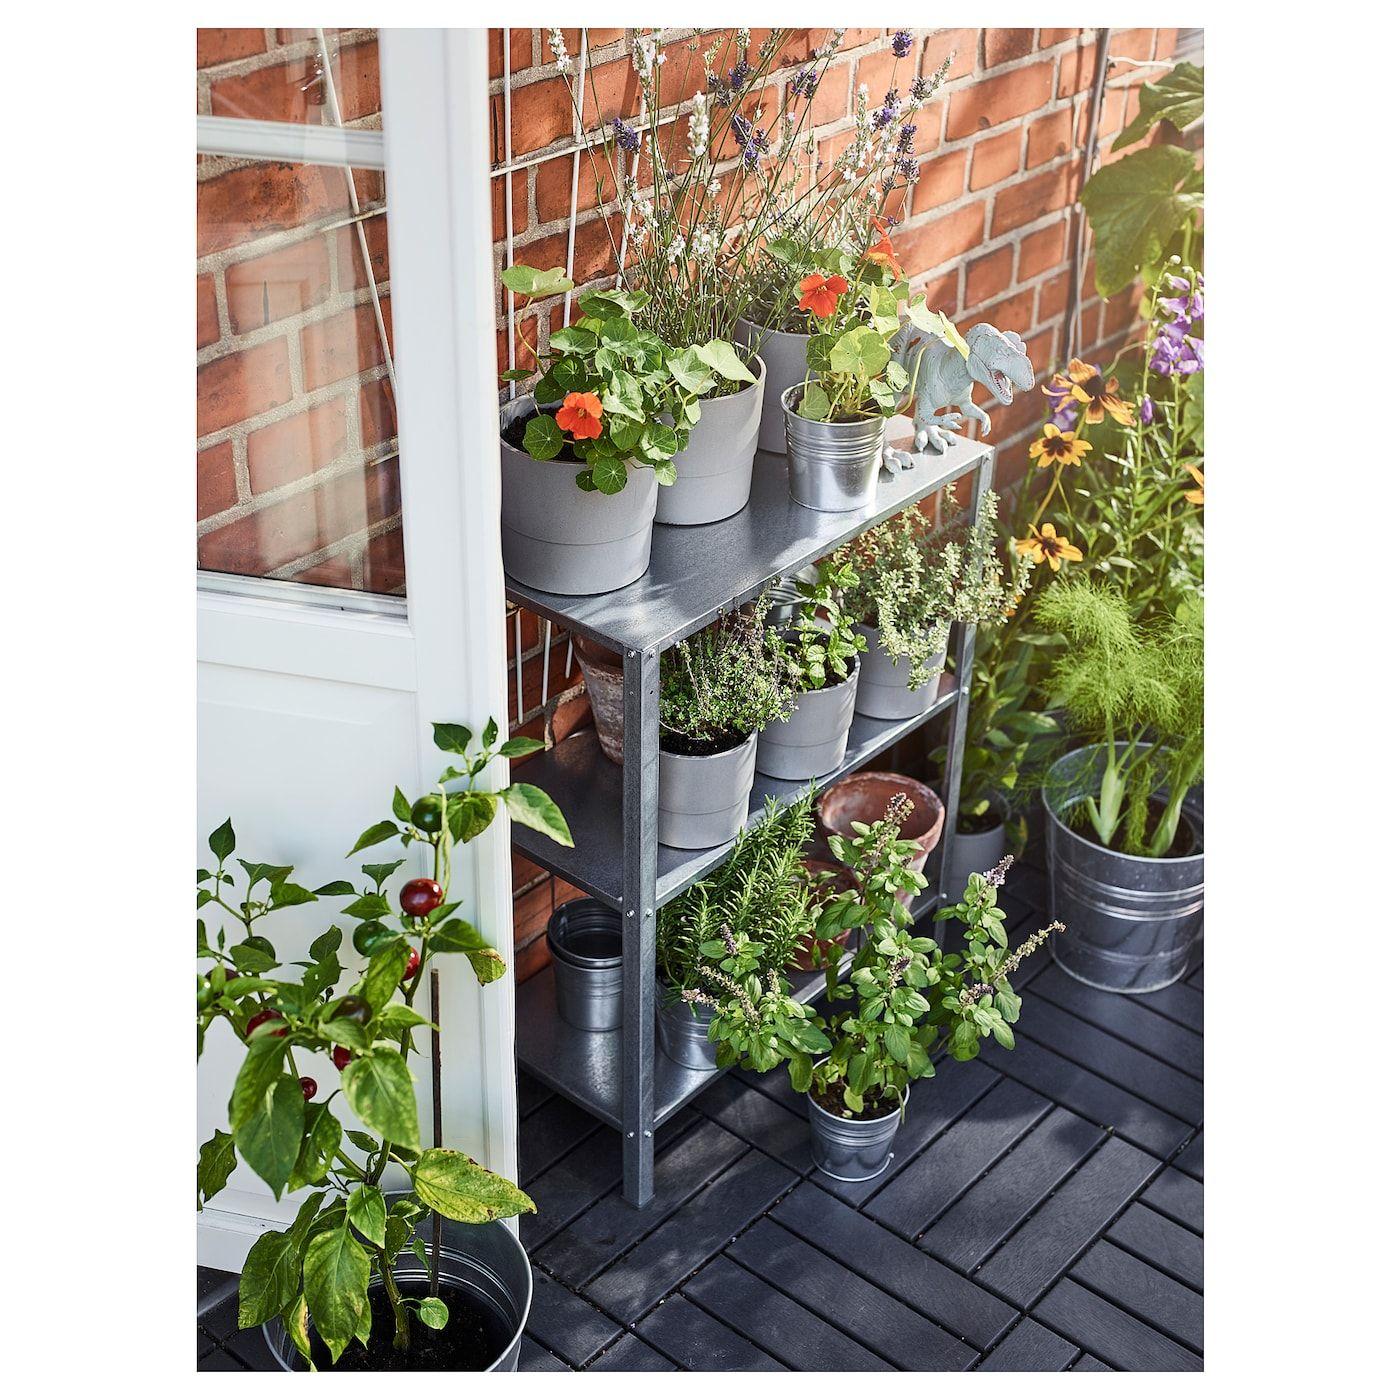 Hyllis Shelf Unit Indoor Outdoor 23 5 8x10 5 8x29 1 8 Ikea Ikea Garden Indoor Garden Small Garden